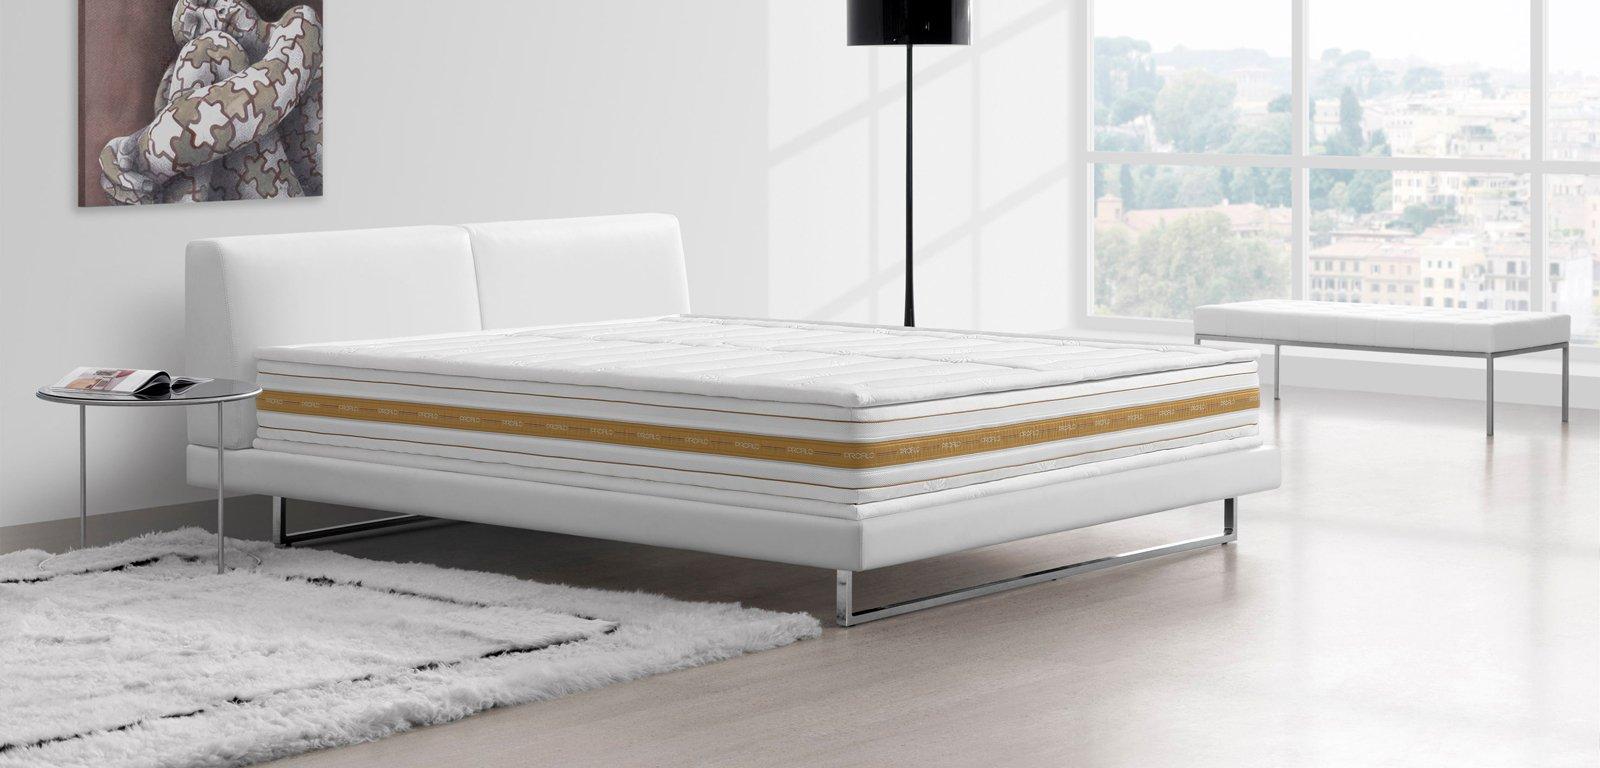 Materassi per dormire bene cose di casa for Per dormire materassi opinioni